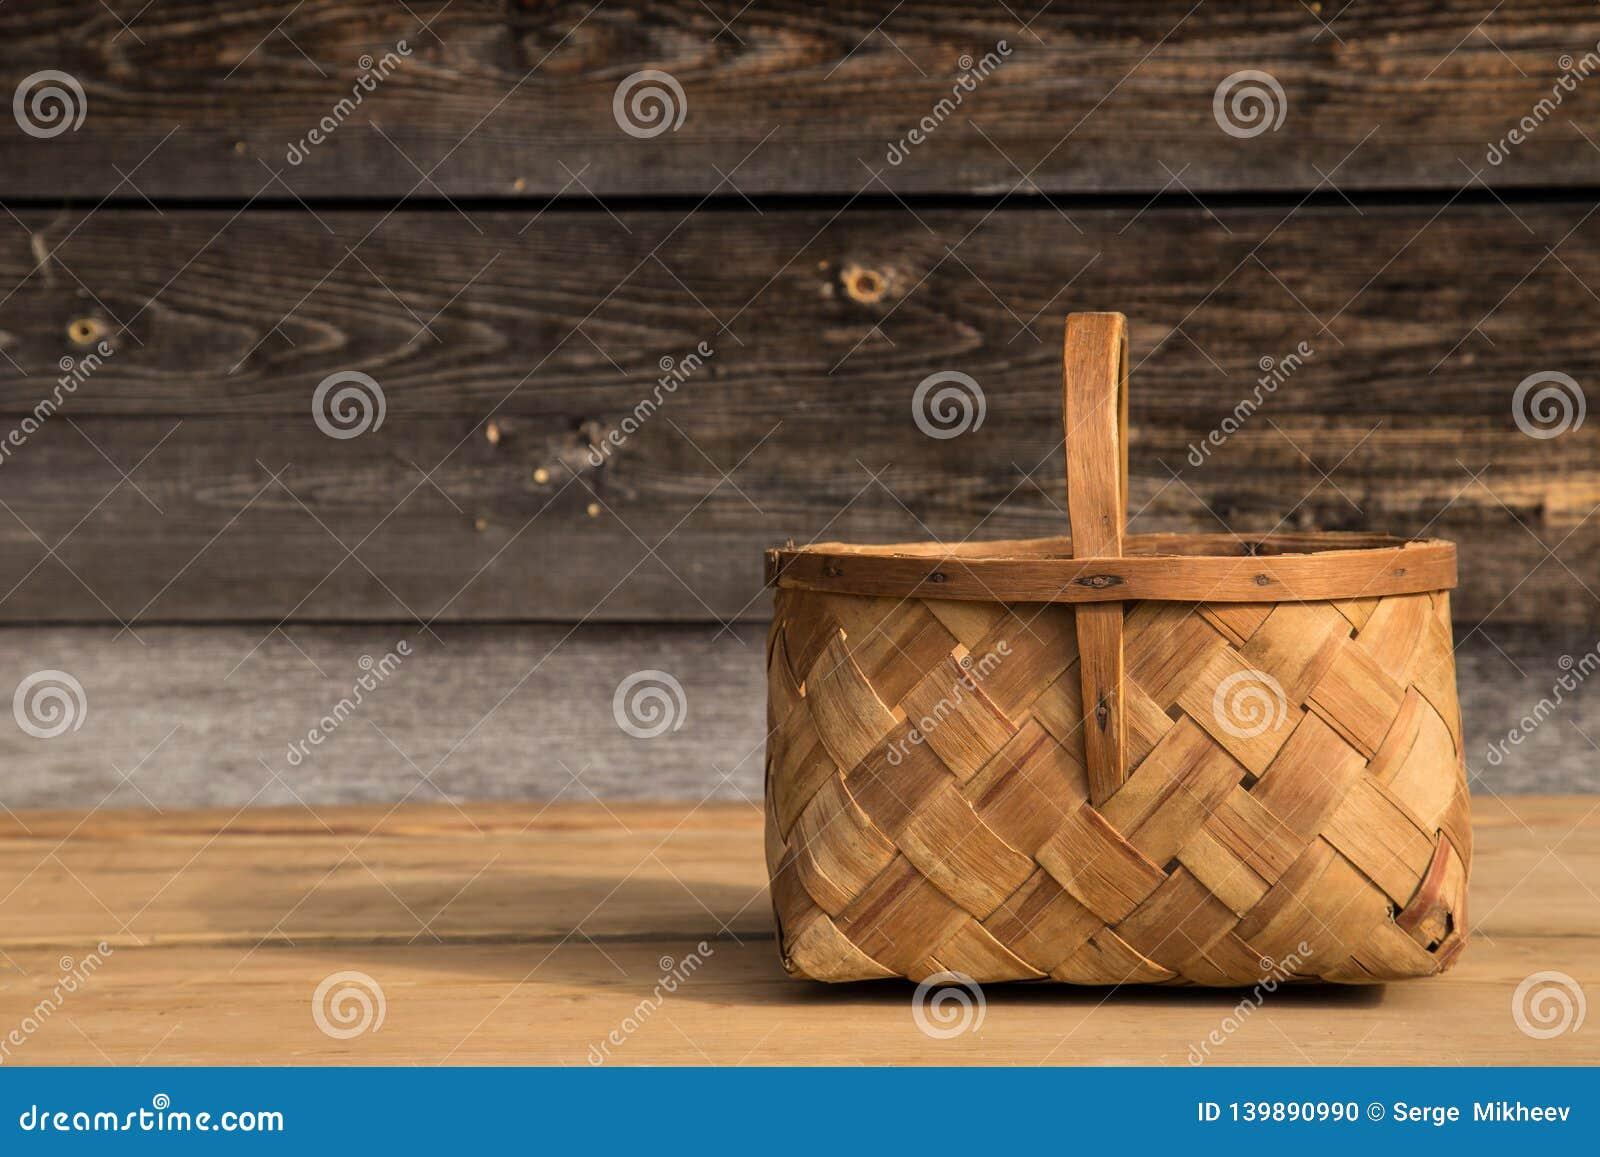 Cesta de vime antiga em um fundo de madeira Foco seletivo Espaço livre para o texto